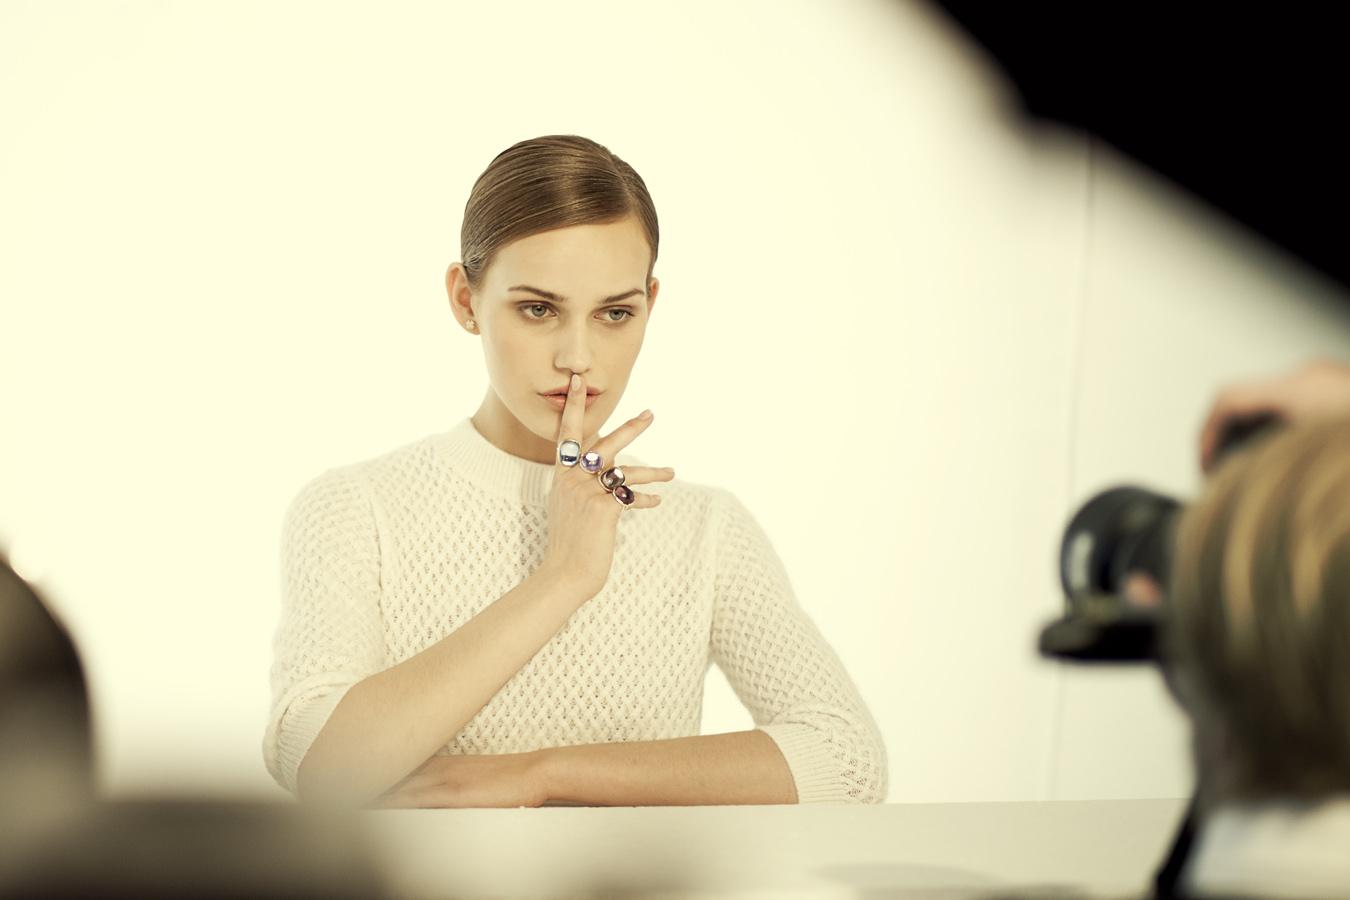 Karolina Wąż, New Age Models/fot. Agnieszka Taukert/Backbone dla Do You Know Fashion